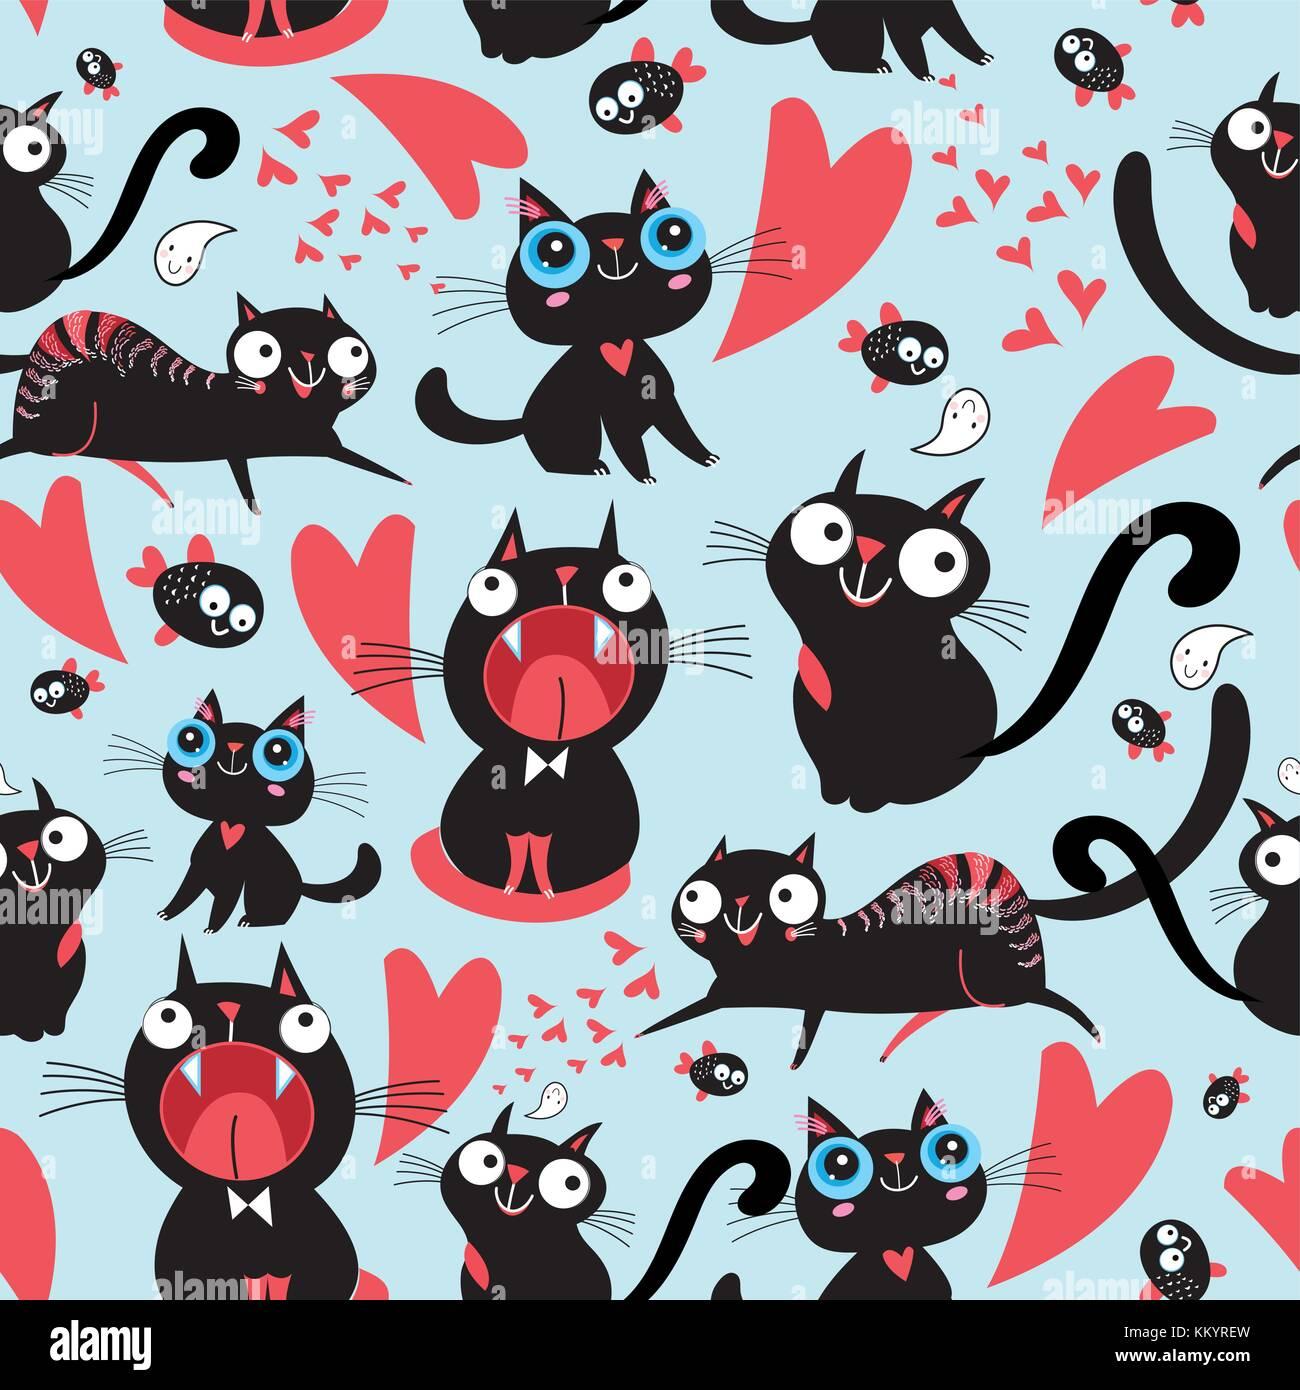 Cool Muster Der Lustig Lieben Katzen Auf Einen Hellen Hintergrund